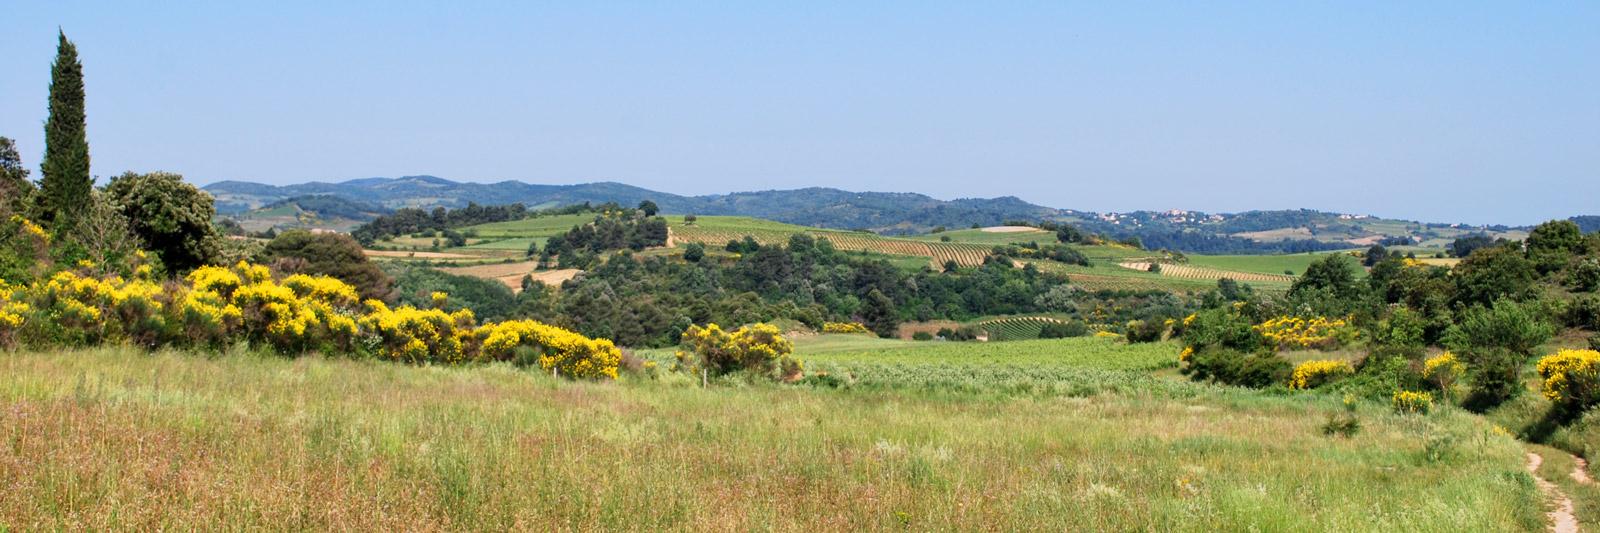 Le Domaine Saint Martin - Panorama